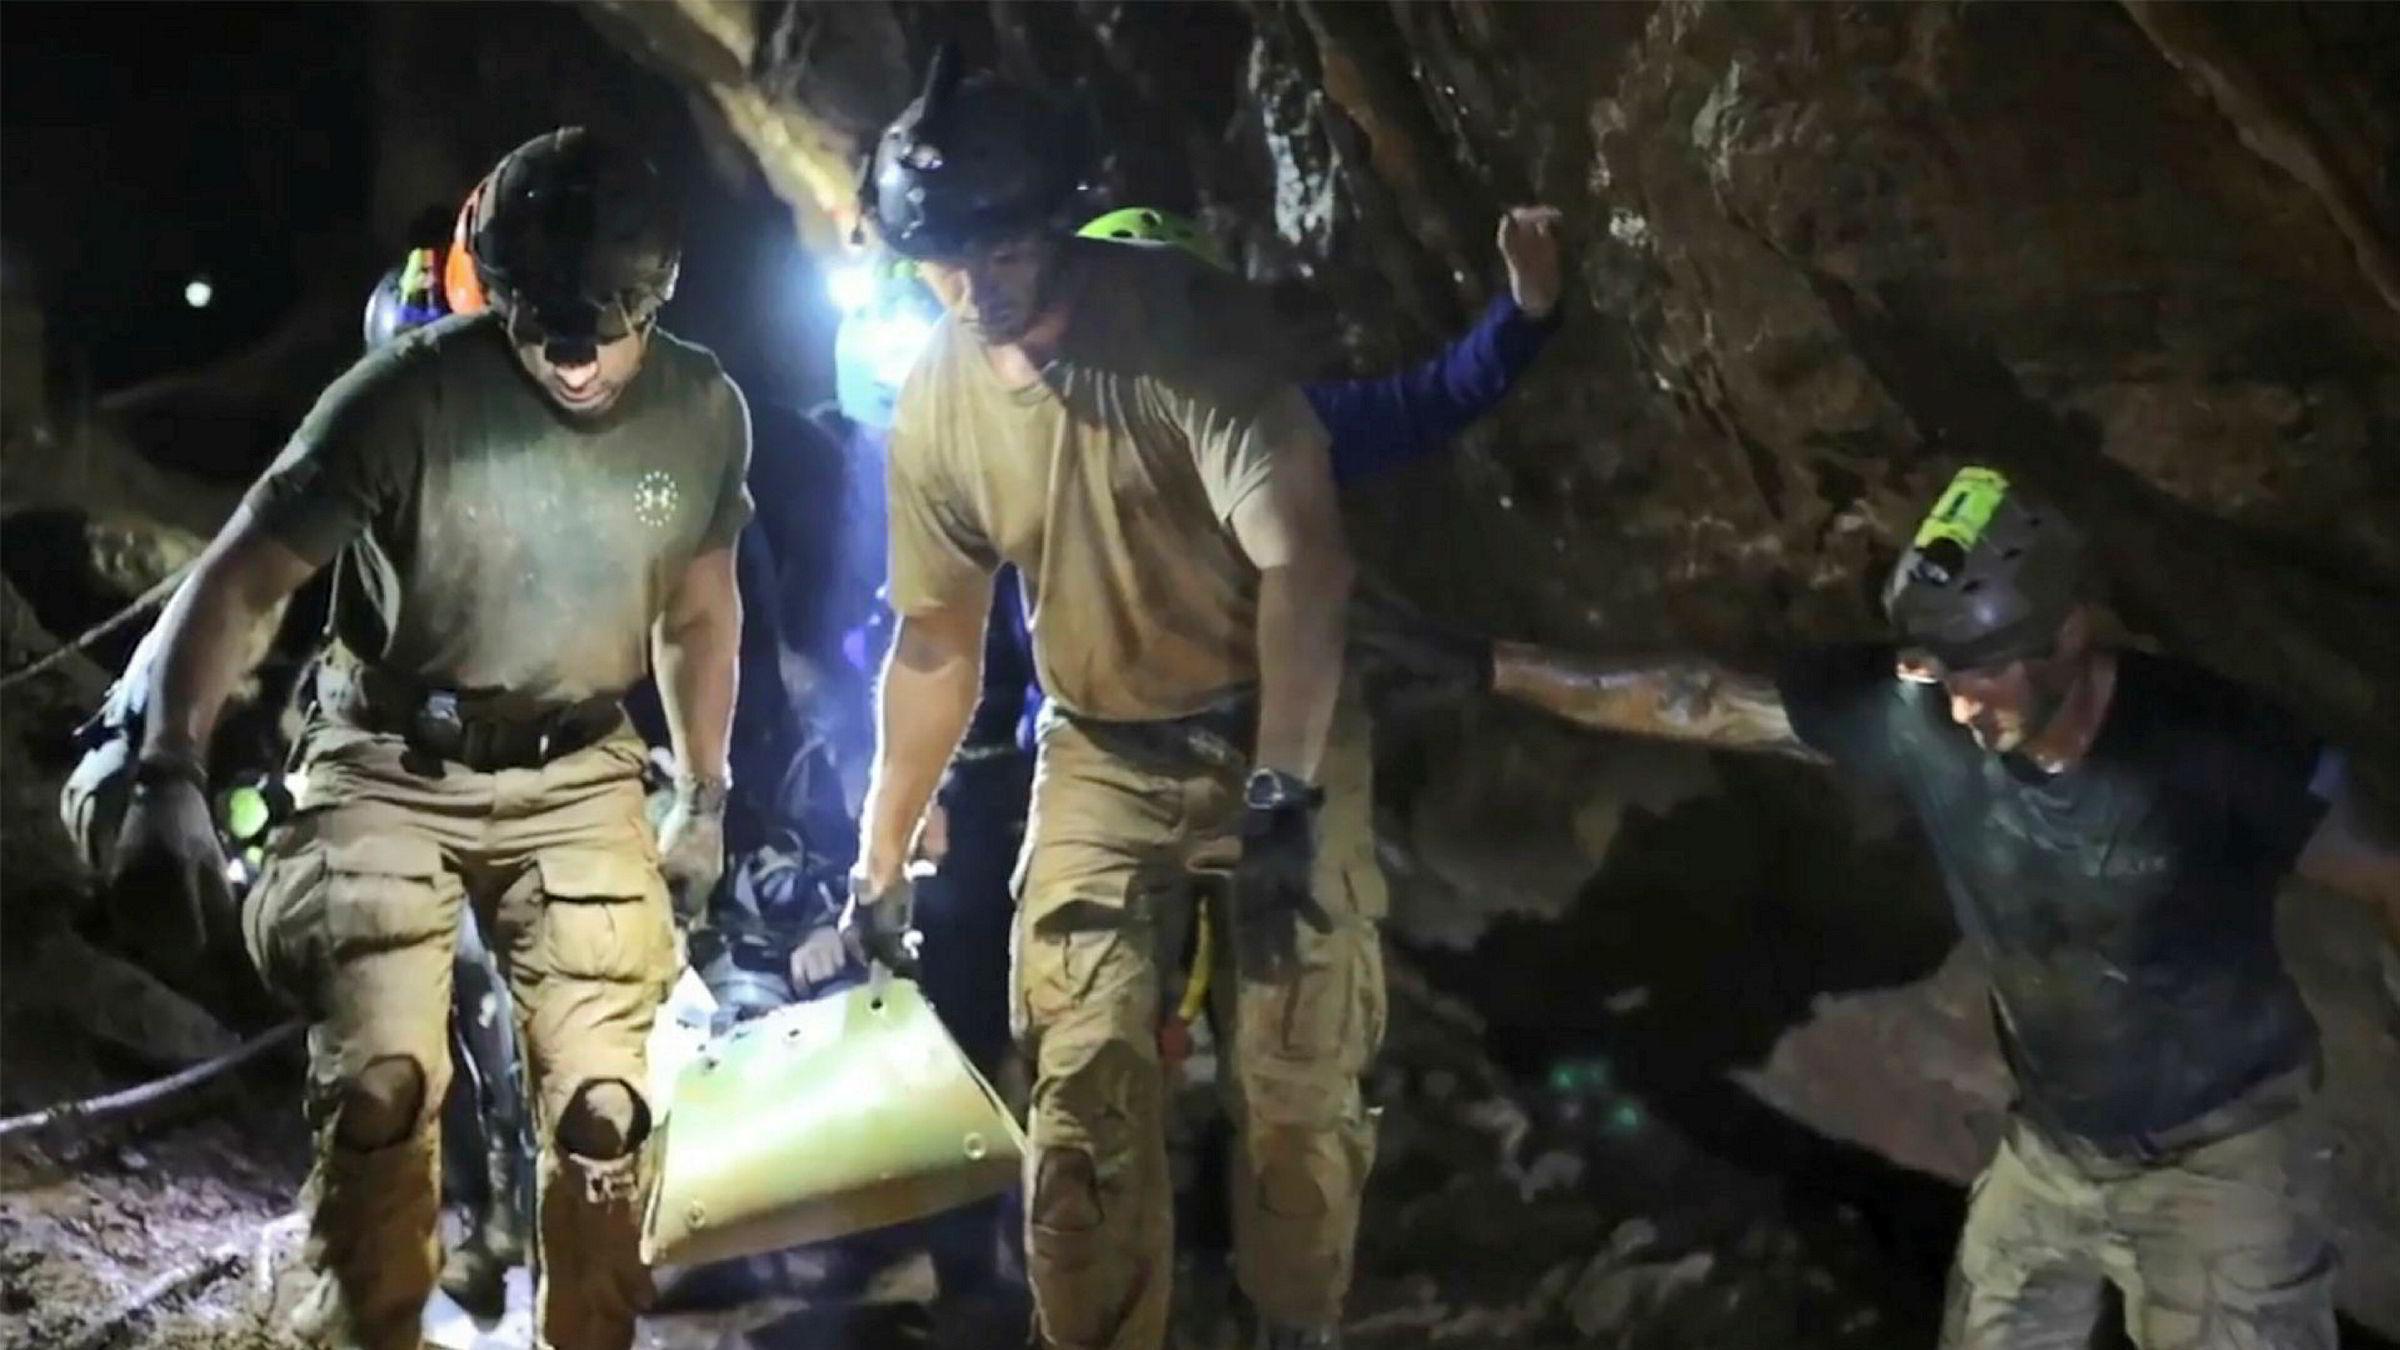 Selvsagt er det fristende; grottedramaet inneholdt alle de ingrediensene som skaper en fengslende og nærmest avhengighetsskapende medieføljetong, skriver Anne-Britt Gran. Dette bildet er fra 11. juli, og viser redningsmannskap bærende på en av guttene på vei ut av grotten.